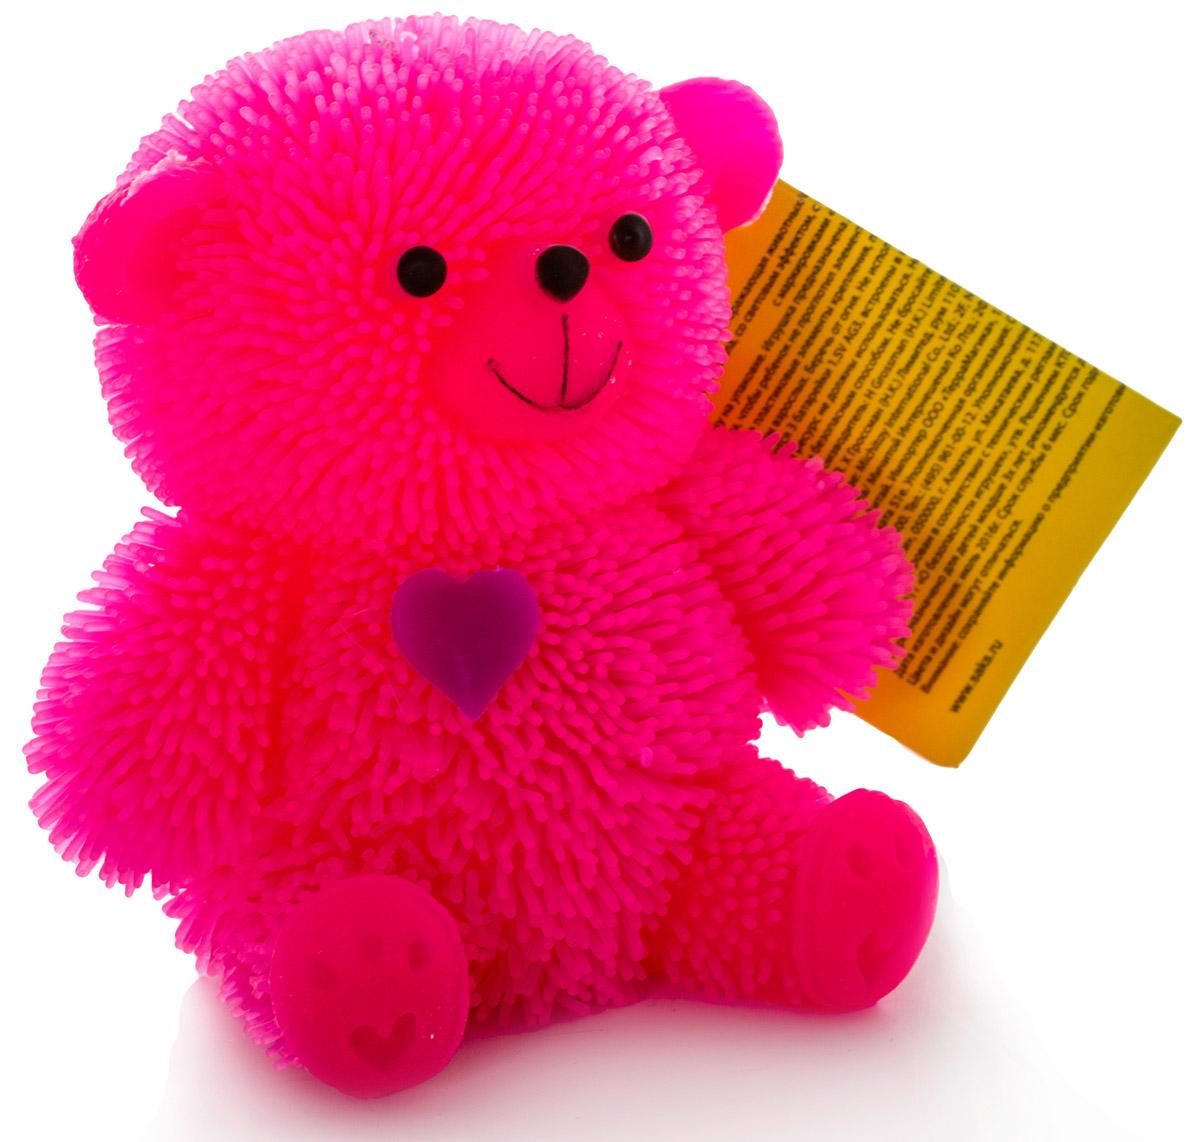 HGL Фигурка Медведь с подсветкой цвет розовыйSV10998_розовыйФигурка Медведь это мягкая резиновая игрушка в виде розового медвежонка с резиновым ворсом. Взяв игрушку в руки, расстаться с ней просто невозможно! Её не только приятно держать в руках, если перекинуть игрушку из руки в руку, она начнёт мигать цветными огоньками. Данная игрушка рассчитана на широкую целевую аудиторию, как детей от пяти лет, так и взрослых. Медведь обязательно станет вашим самым любимым забавным сувениром. Игрушка работает от незаменяемых батареек.